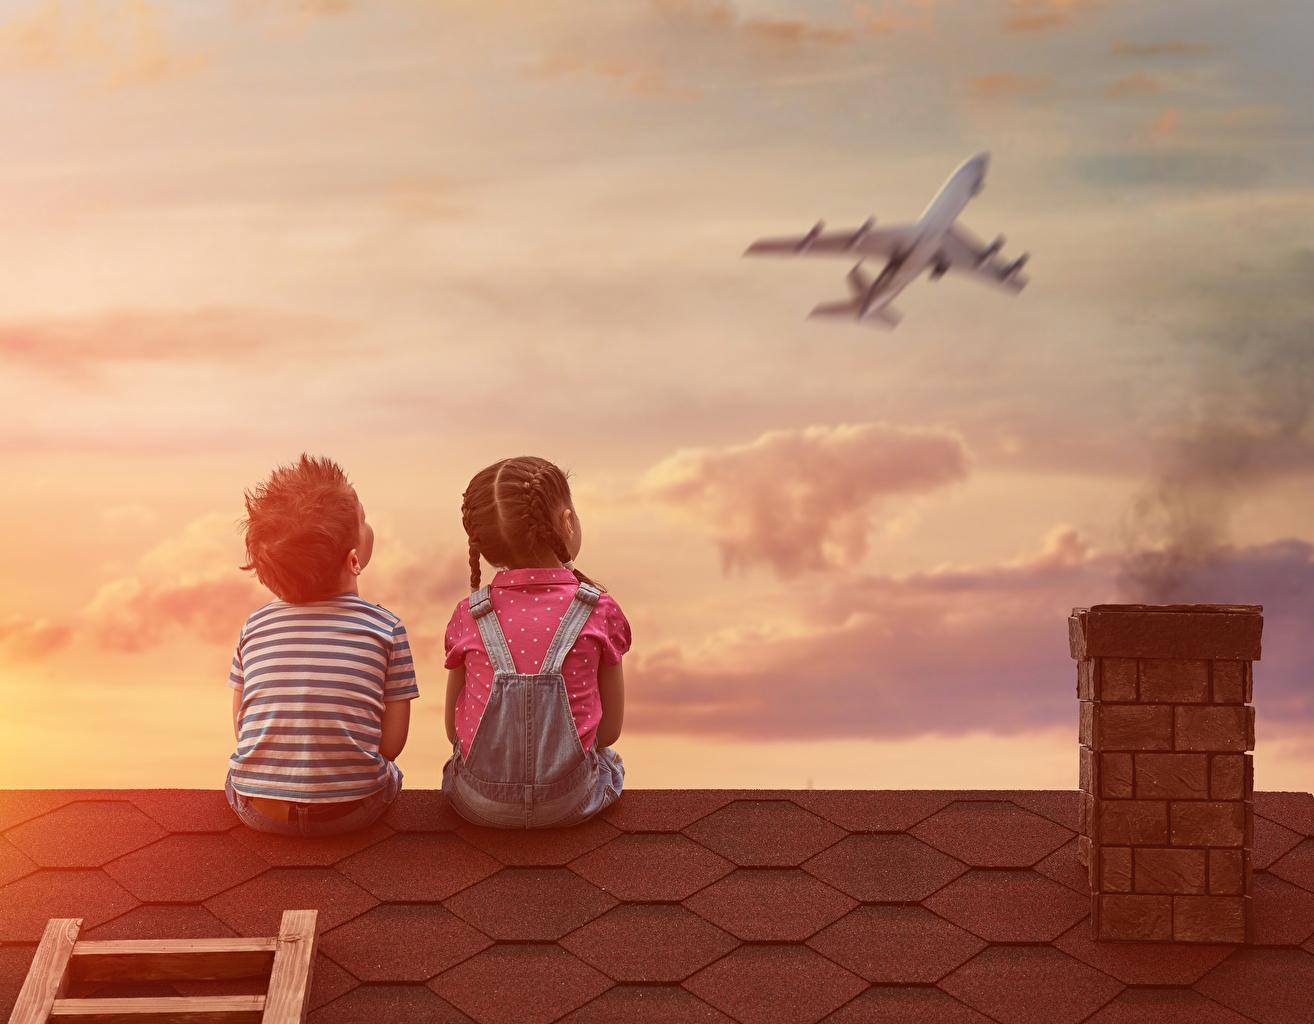 Картинки Девочки Мальчики Самолеты Спина Ребёнок 2 Крыша сидящие Дети Двое вдвоем Сидит